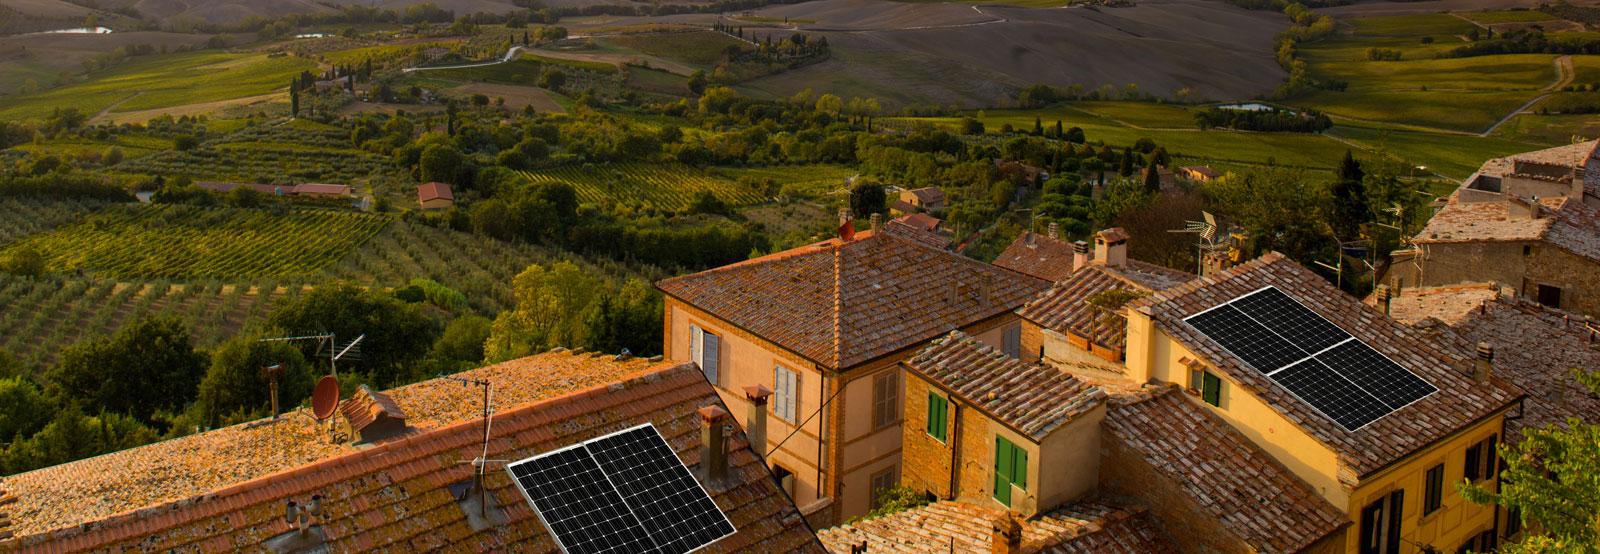 Casa ideale green risparmio energetico casa for Risparmio energetico casa